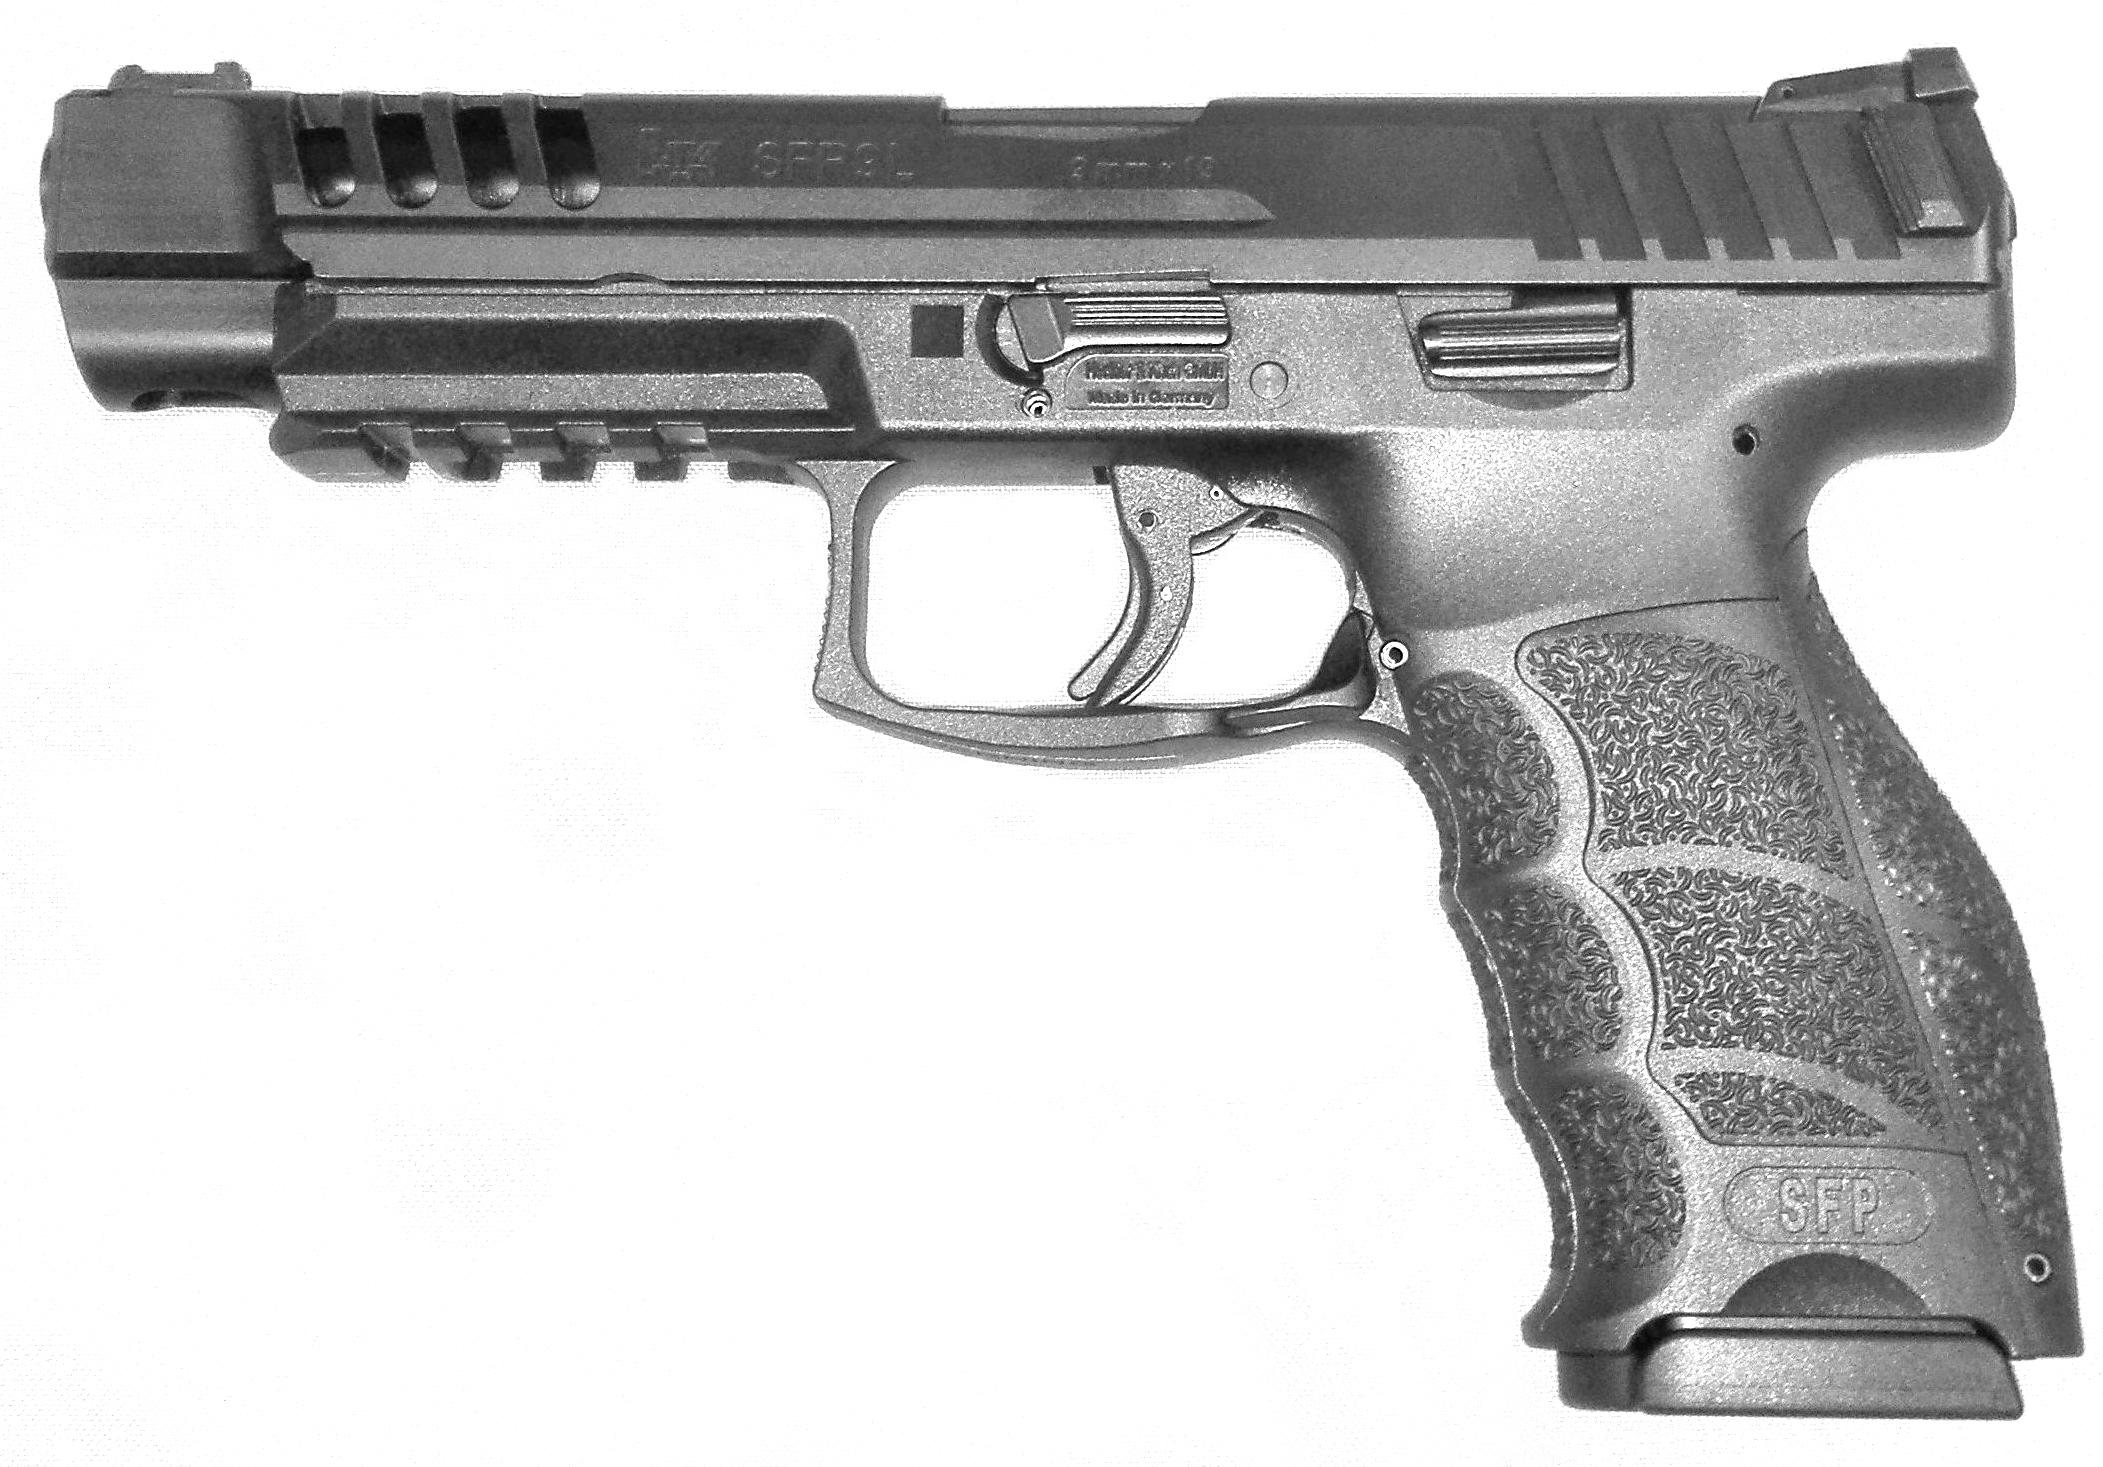 Pistolet semi-automatique HK modèle SFP9L de calibre 9mm Parabellum.